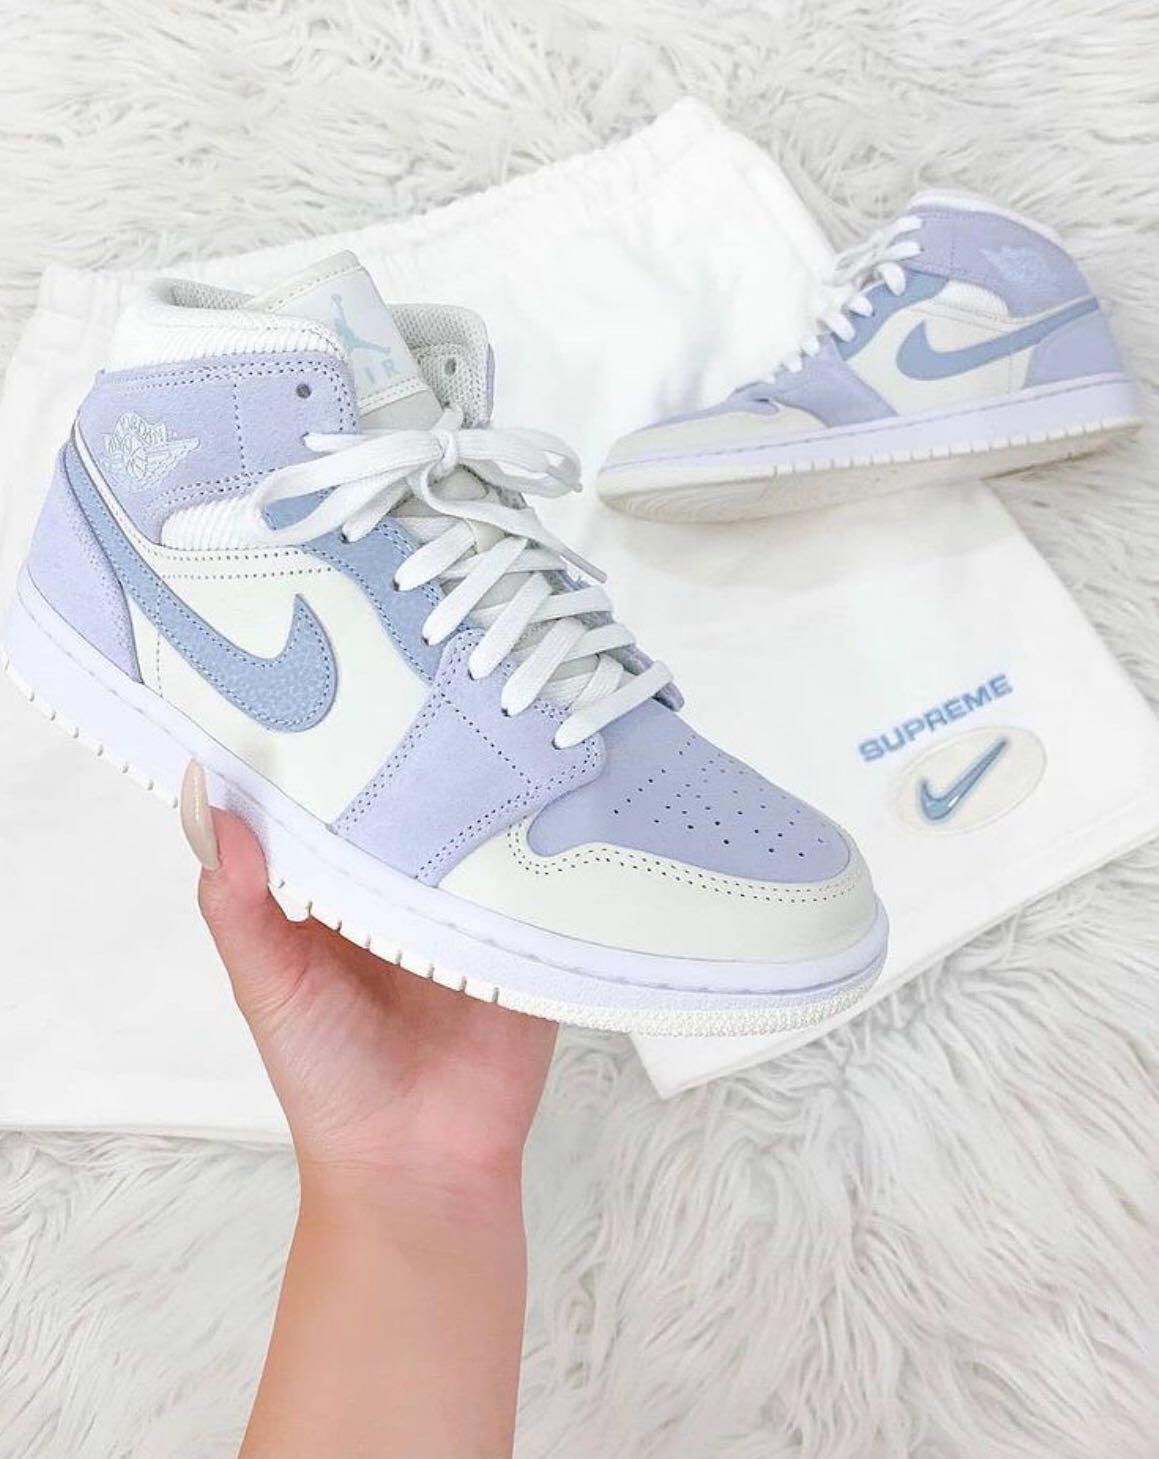 Nike Air Jordan 1 Mid SE Sail Light Blue